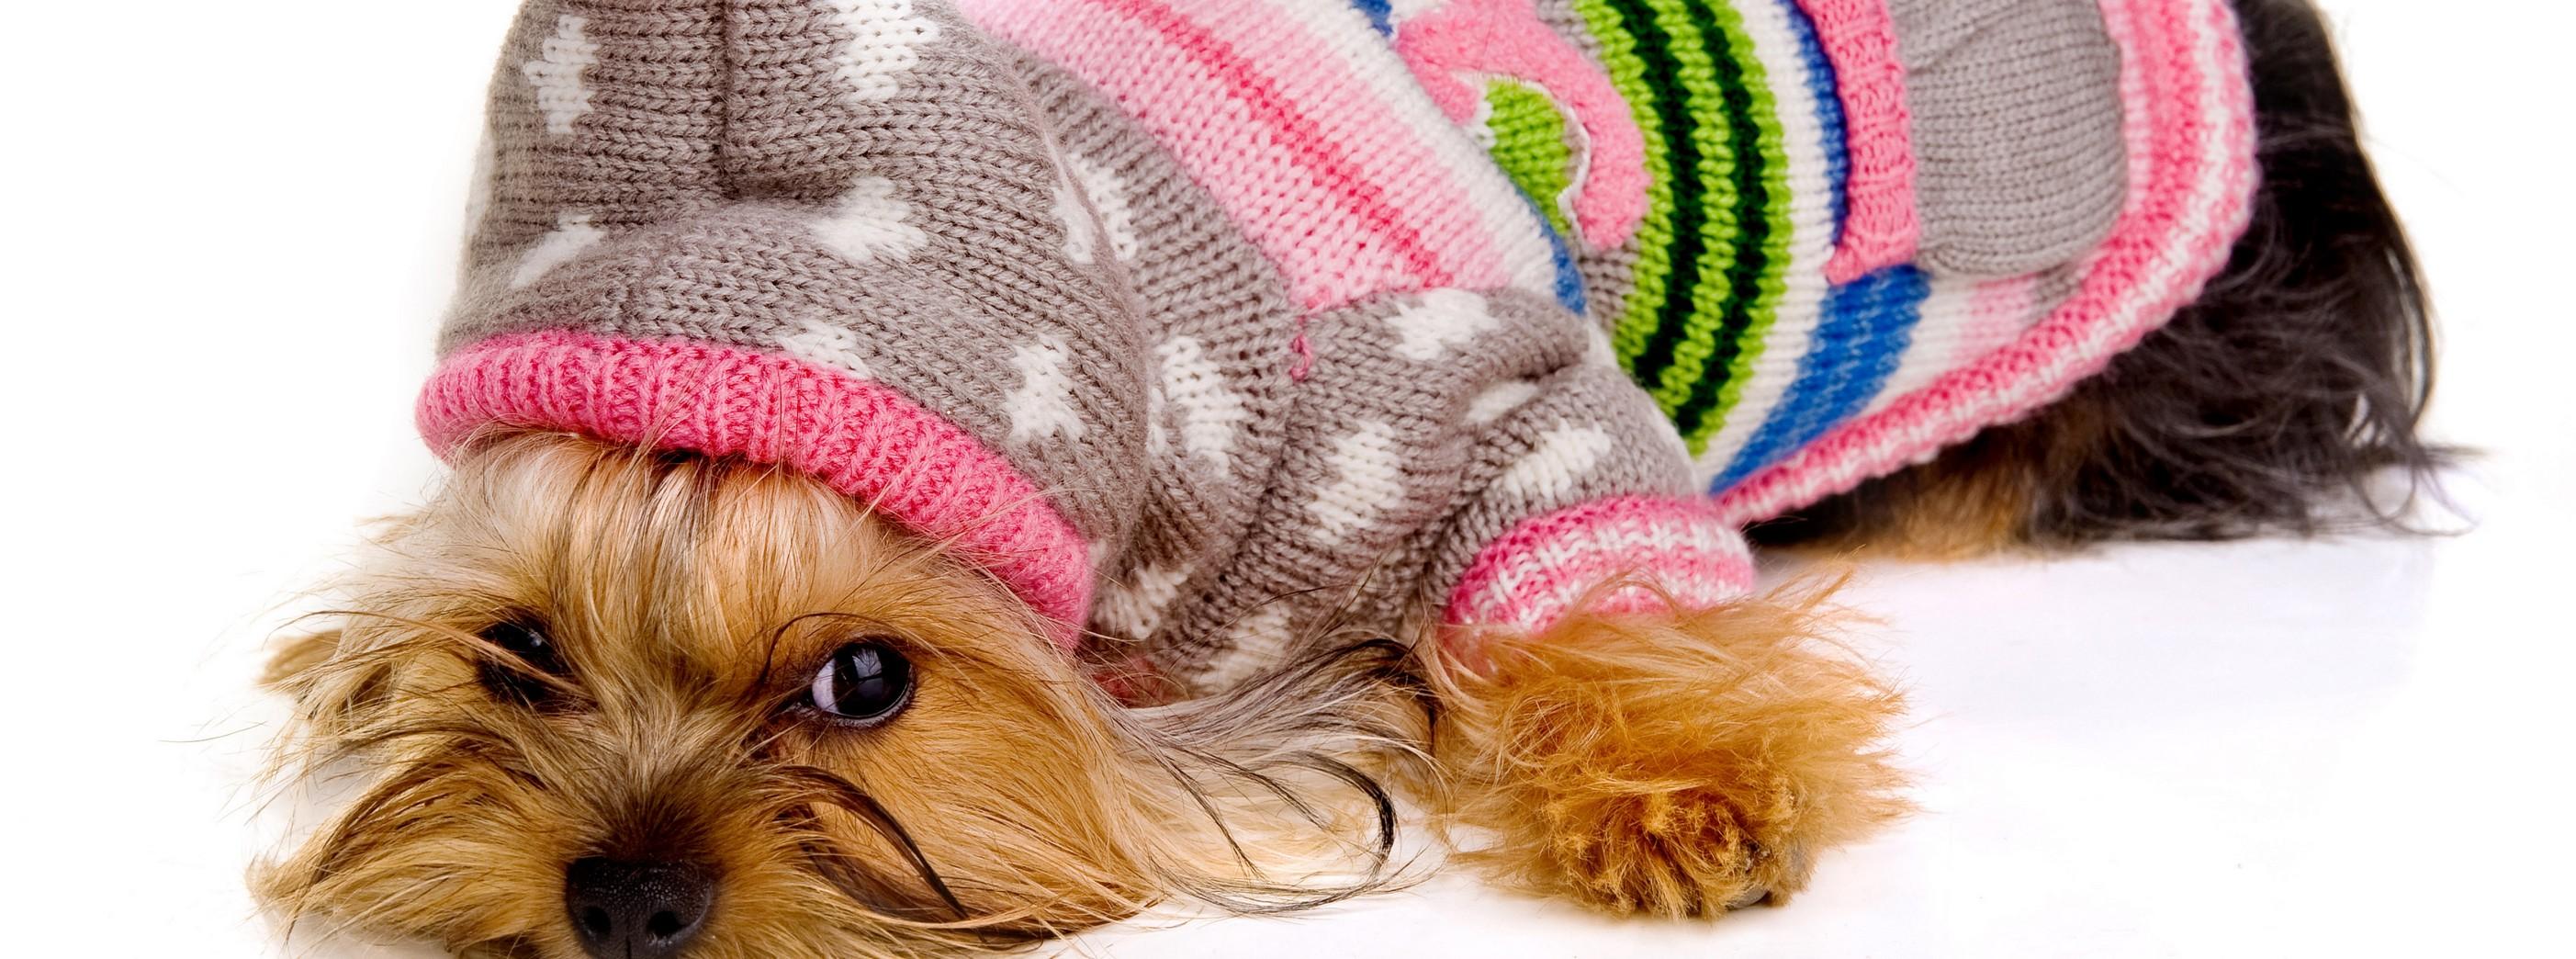 dogcare-fabrica-de-fralda-descartavel-para-cachorro